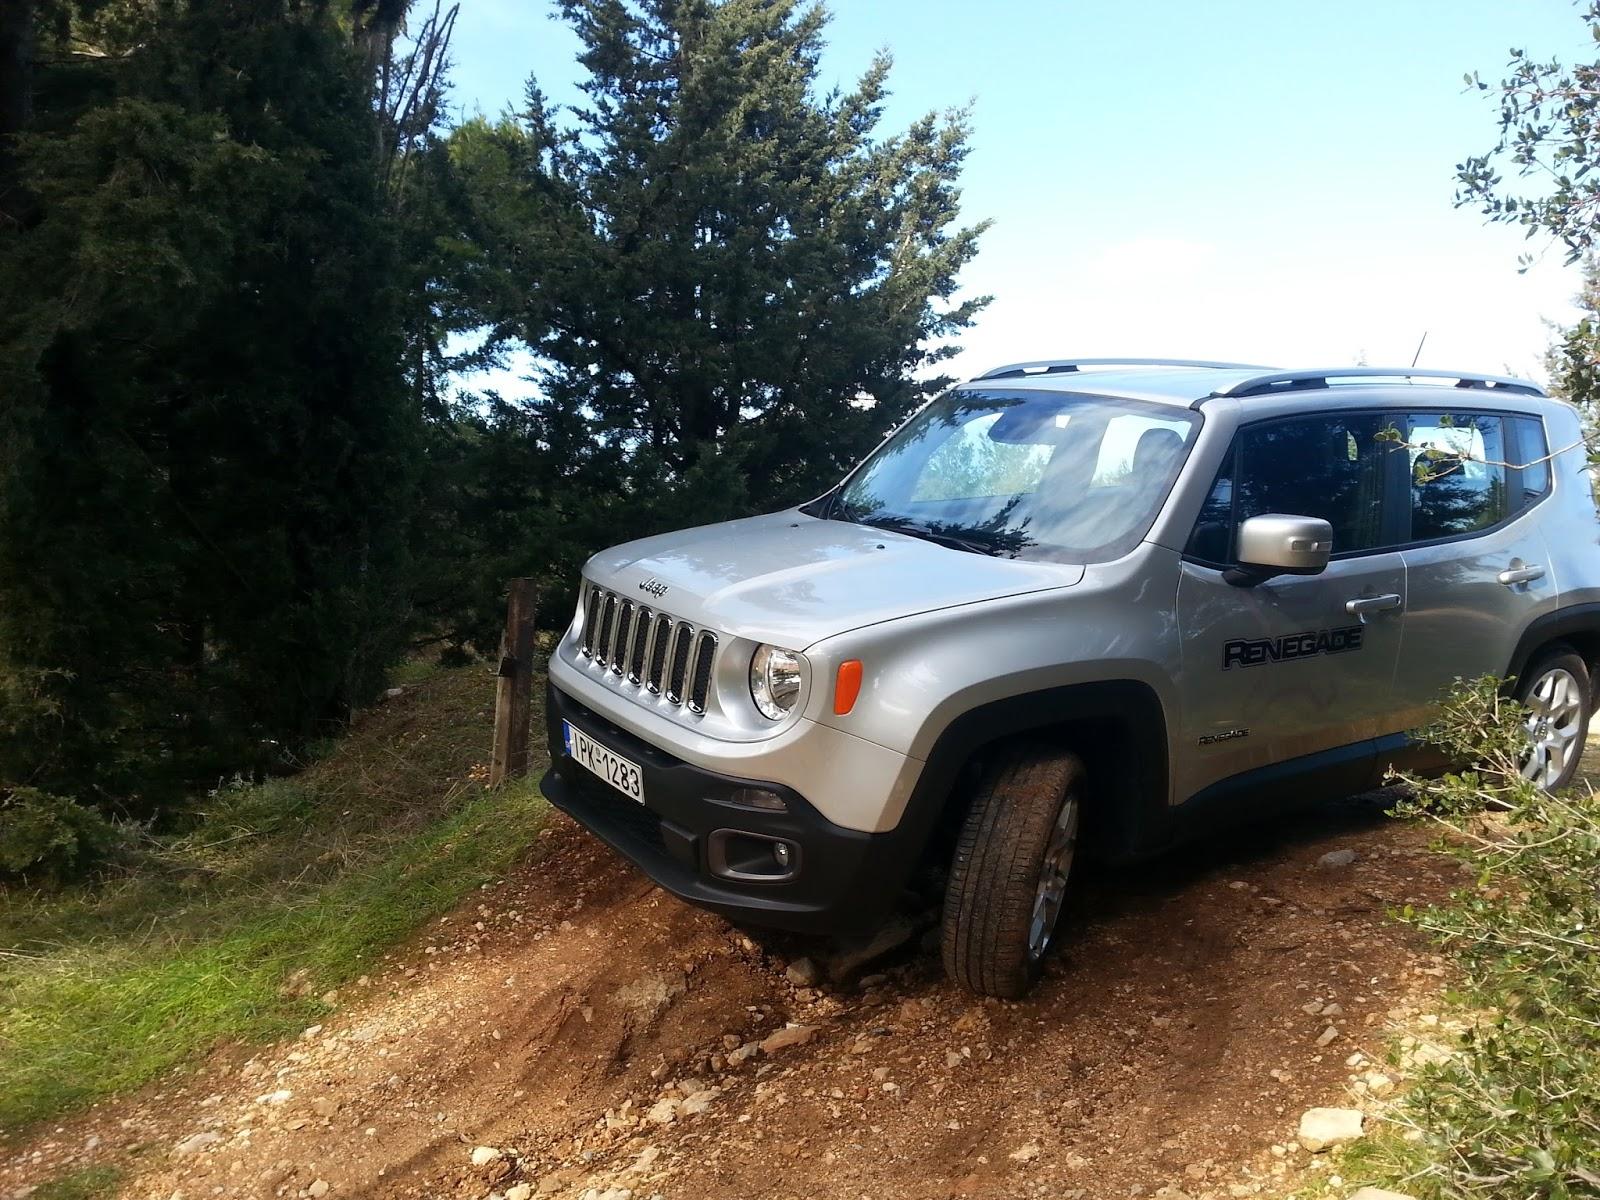 7 Ρίχνουμε ένα Jeep Renegade σε λάσπη, χιόνι, χώμα